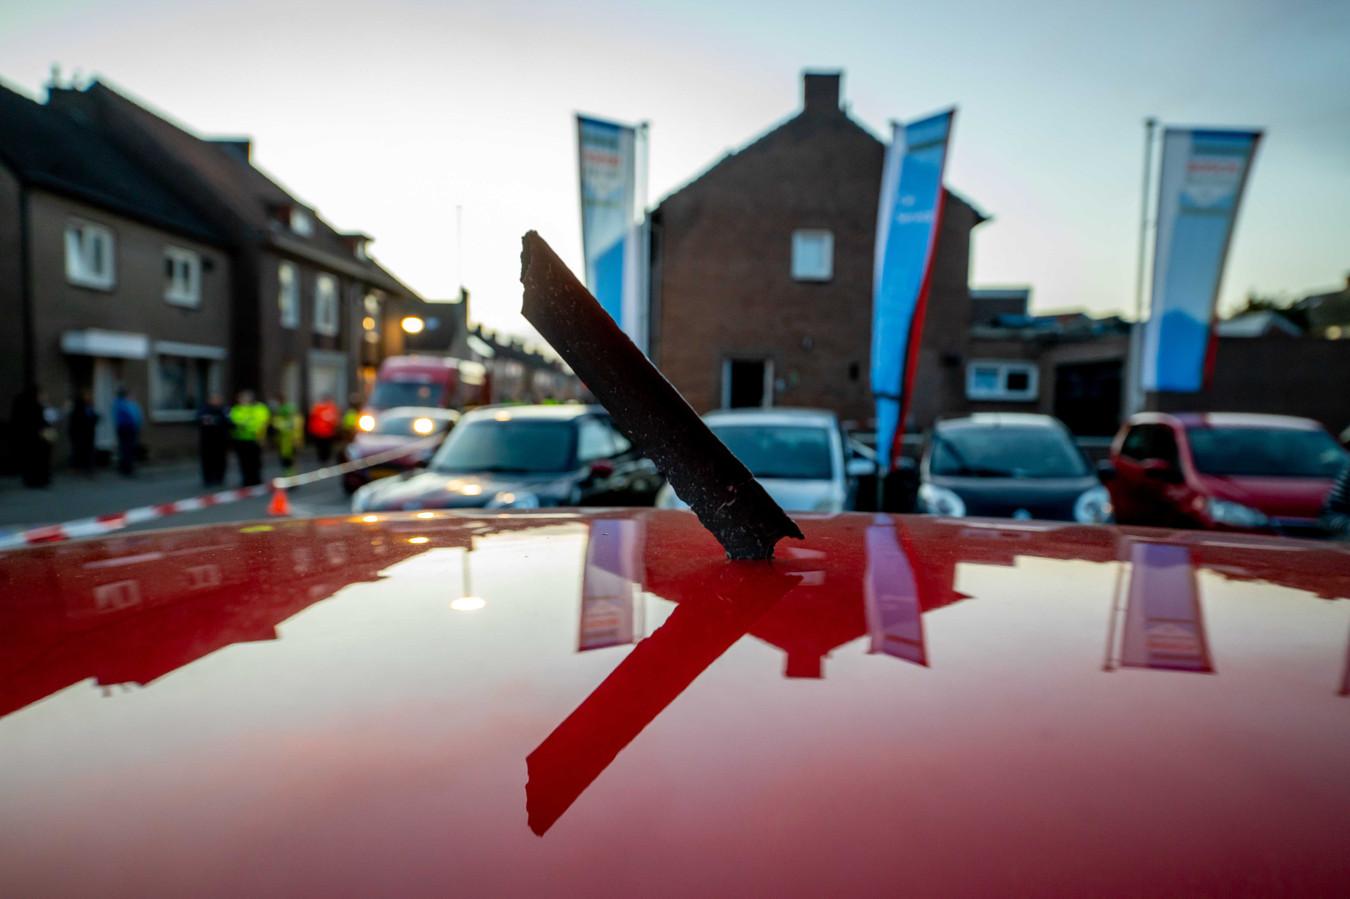 Een onderdeel van de vliegtuigmotor in het dak van een auto bij een garagebedrijf in het Nederlands Limburgse Meerssen.